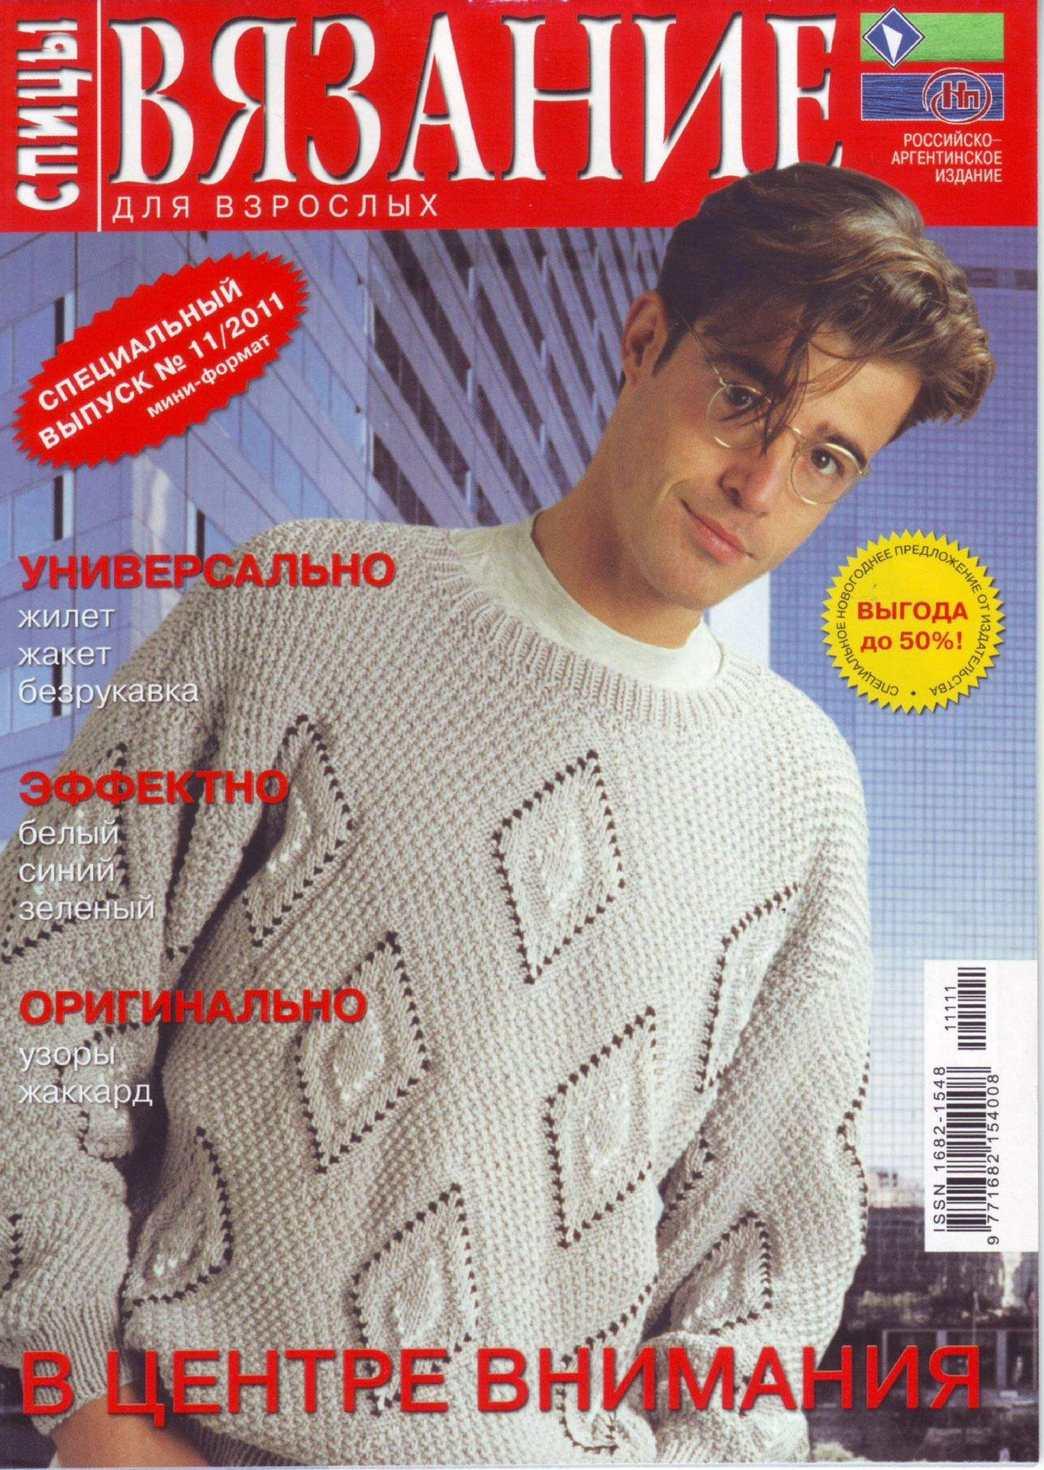 Все журналы по мужскому вязанию